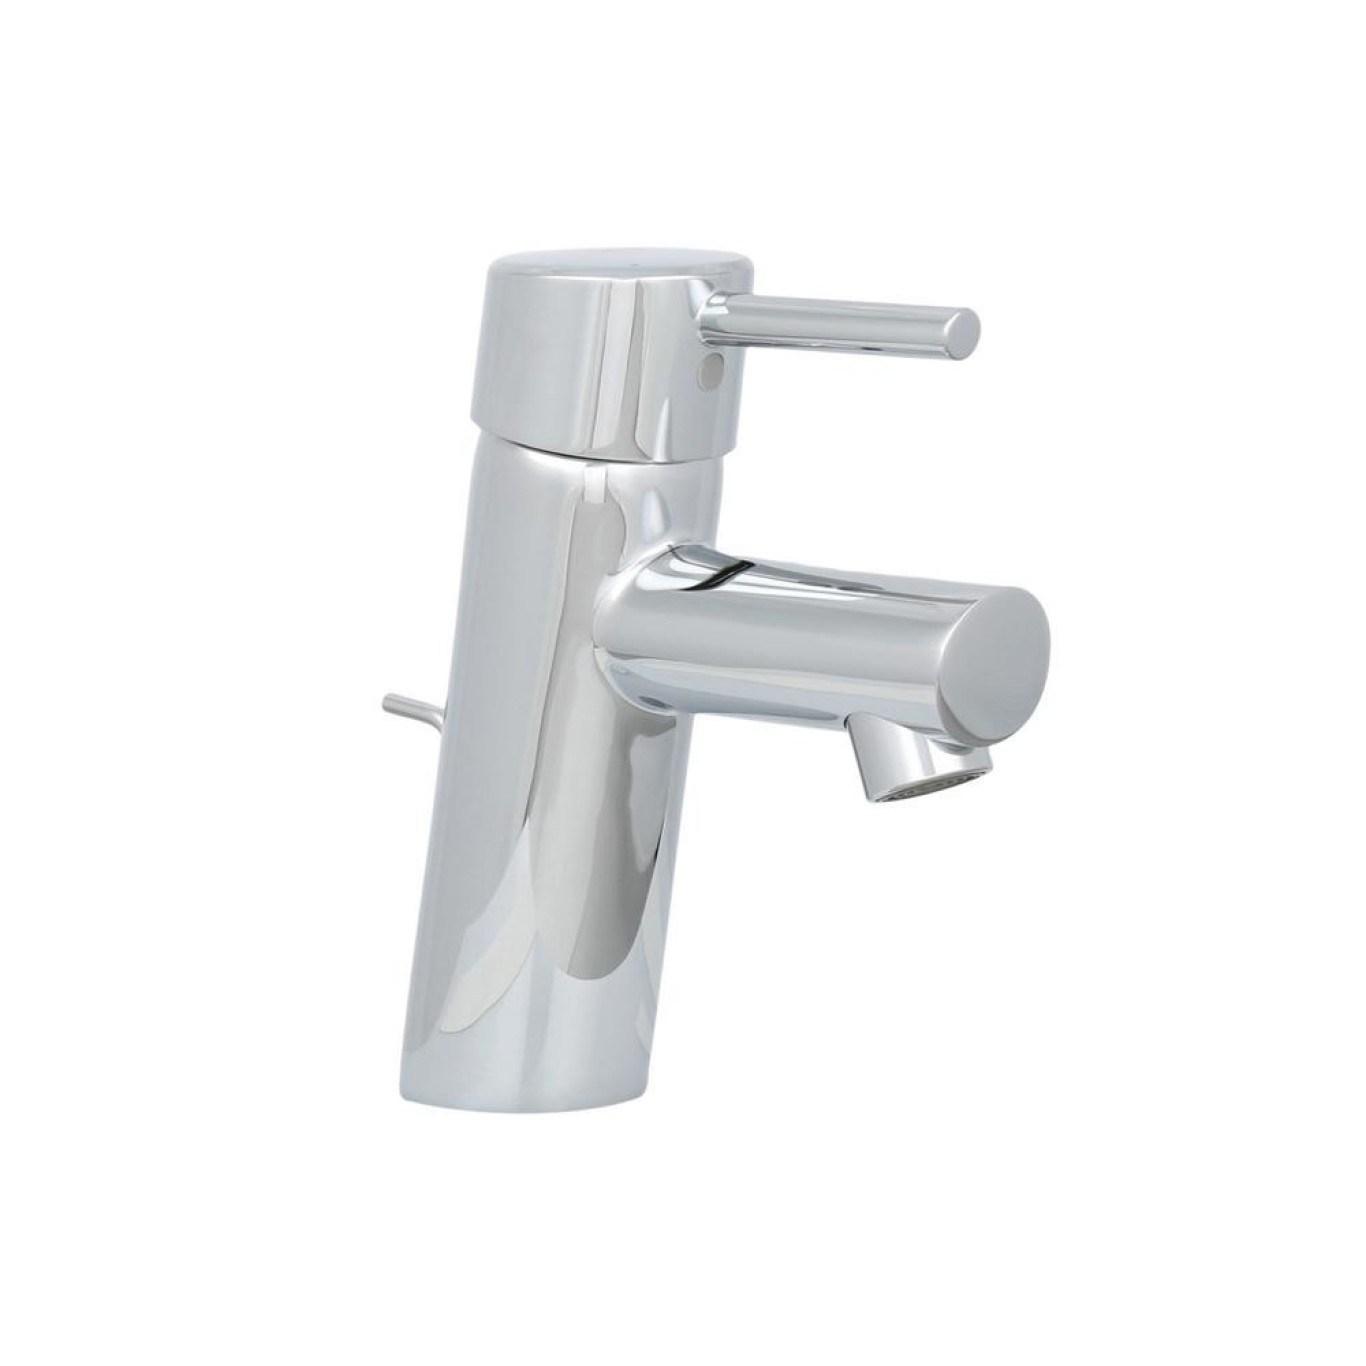 Grohe Single Hole Lav Faucet • Faucet Ideas Site